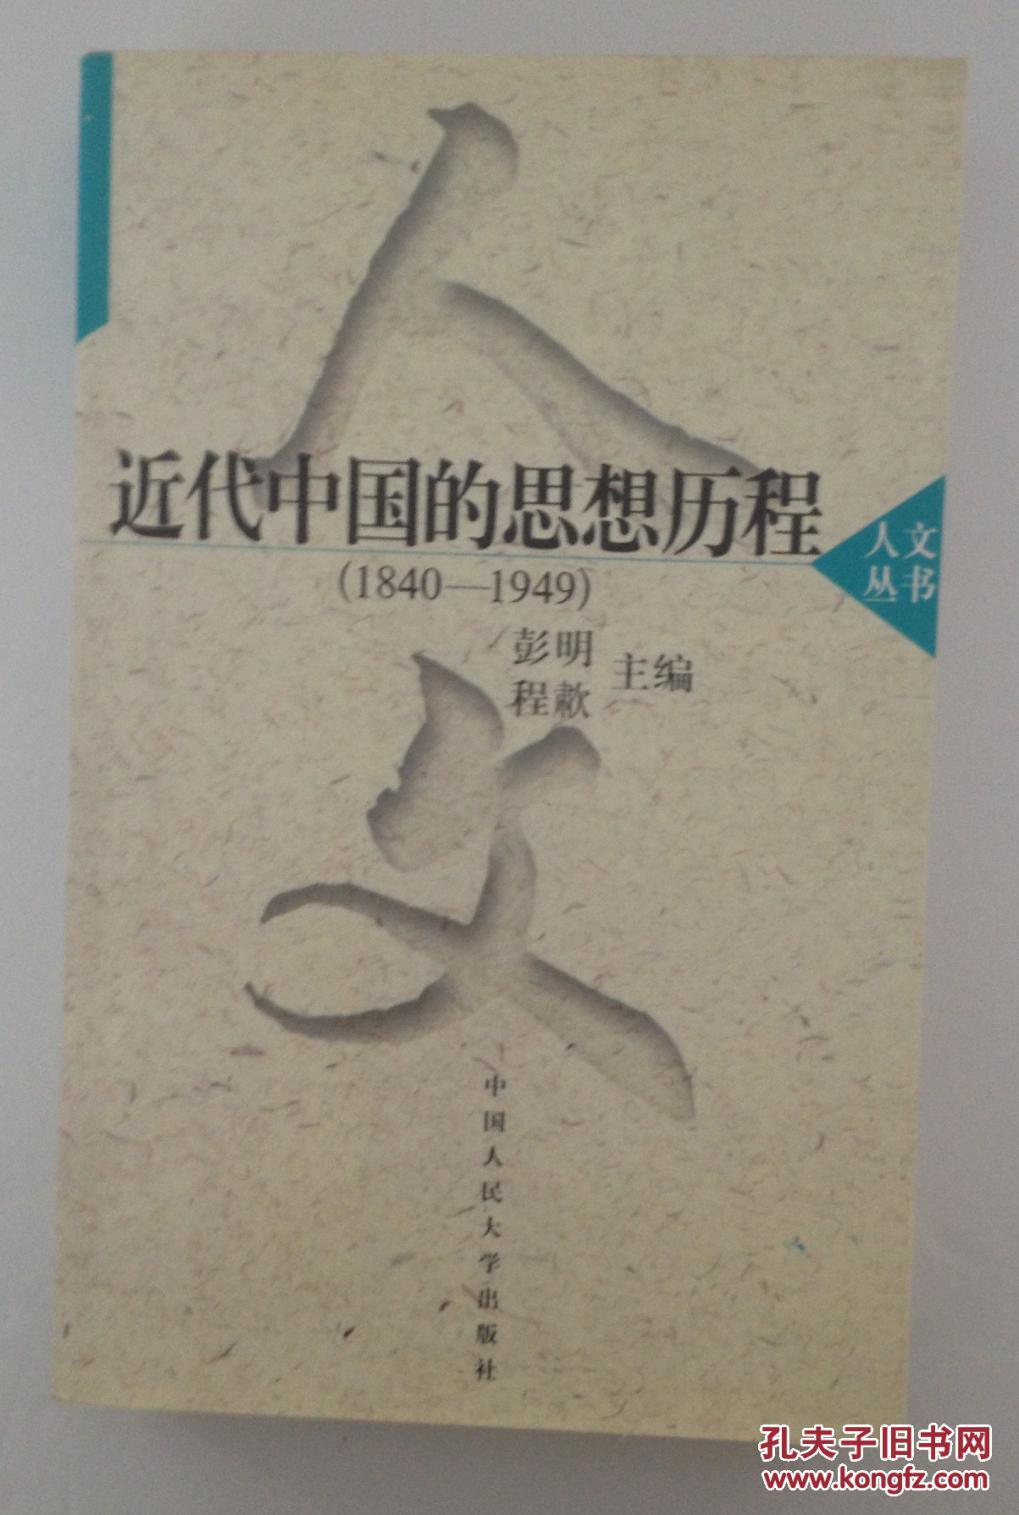 �^����_近代中国的思想历程 (1840—1949) 彭明,程歗主编 中国人民大学出版社